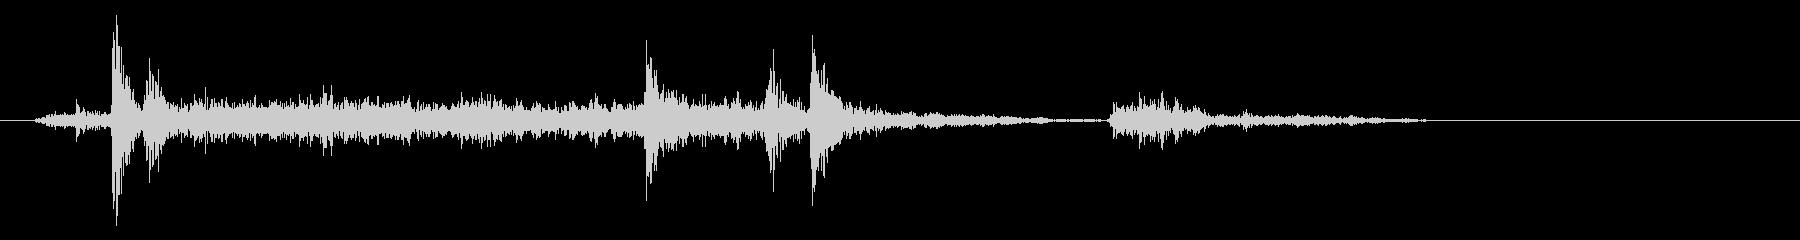 クシュル(紙が擦れる音)の未再生の波形